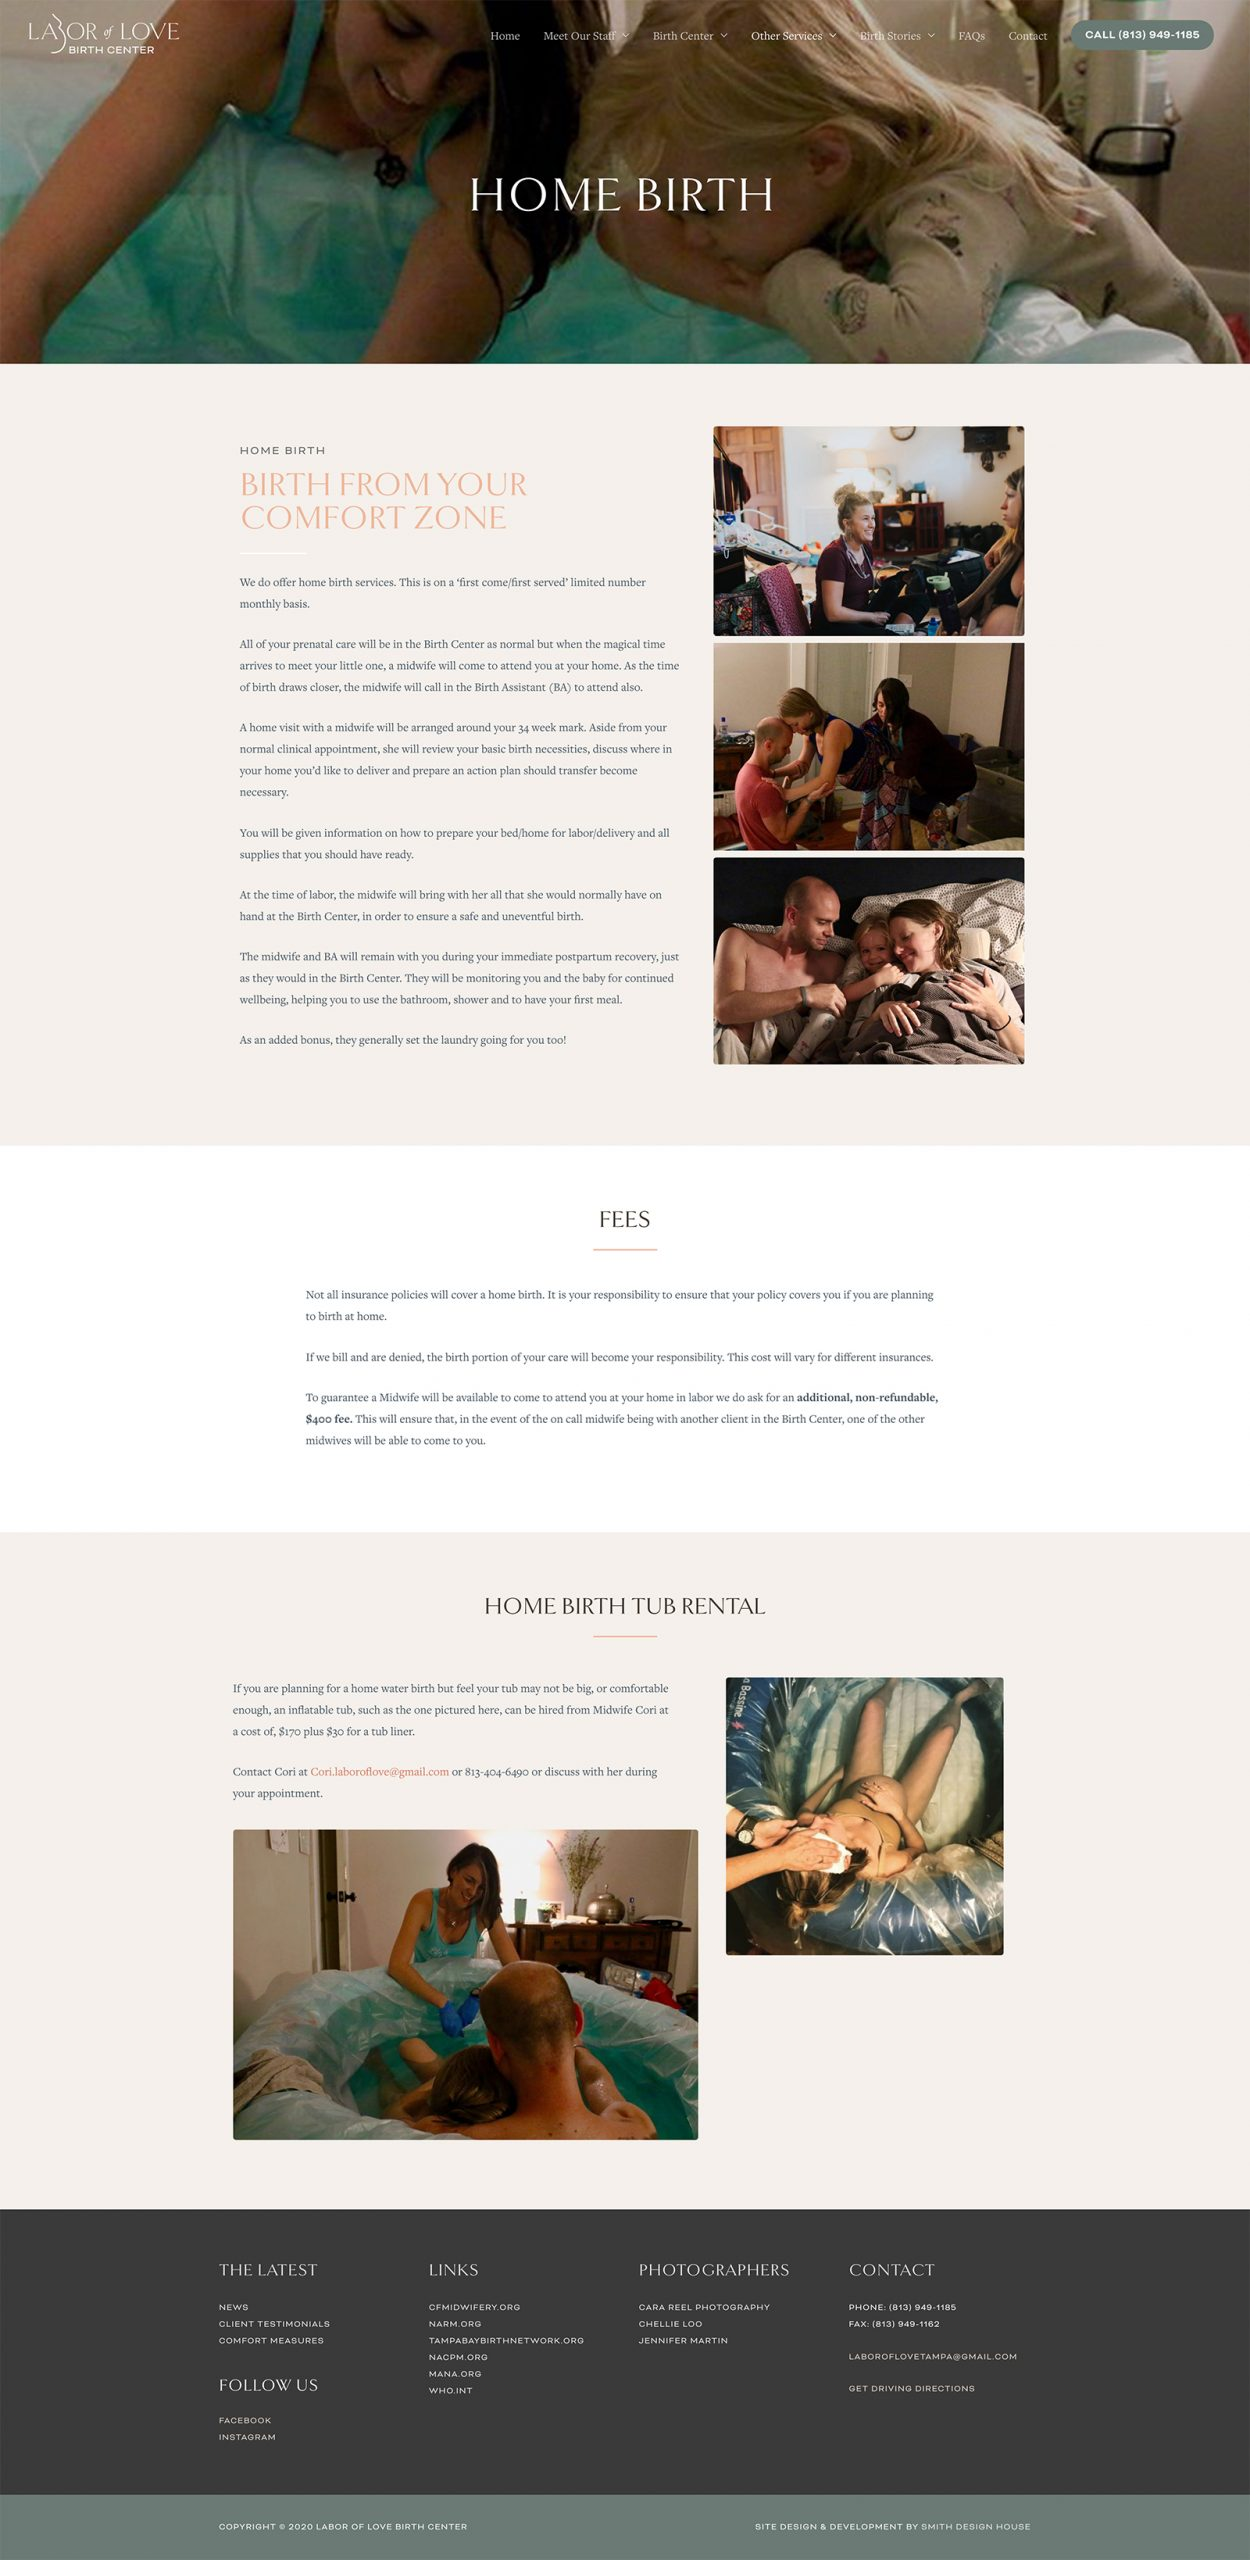 Labor of Love Home Birth page design